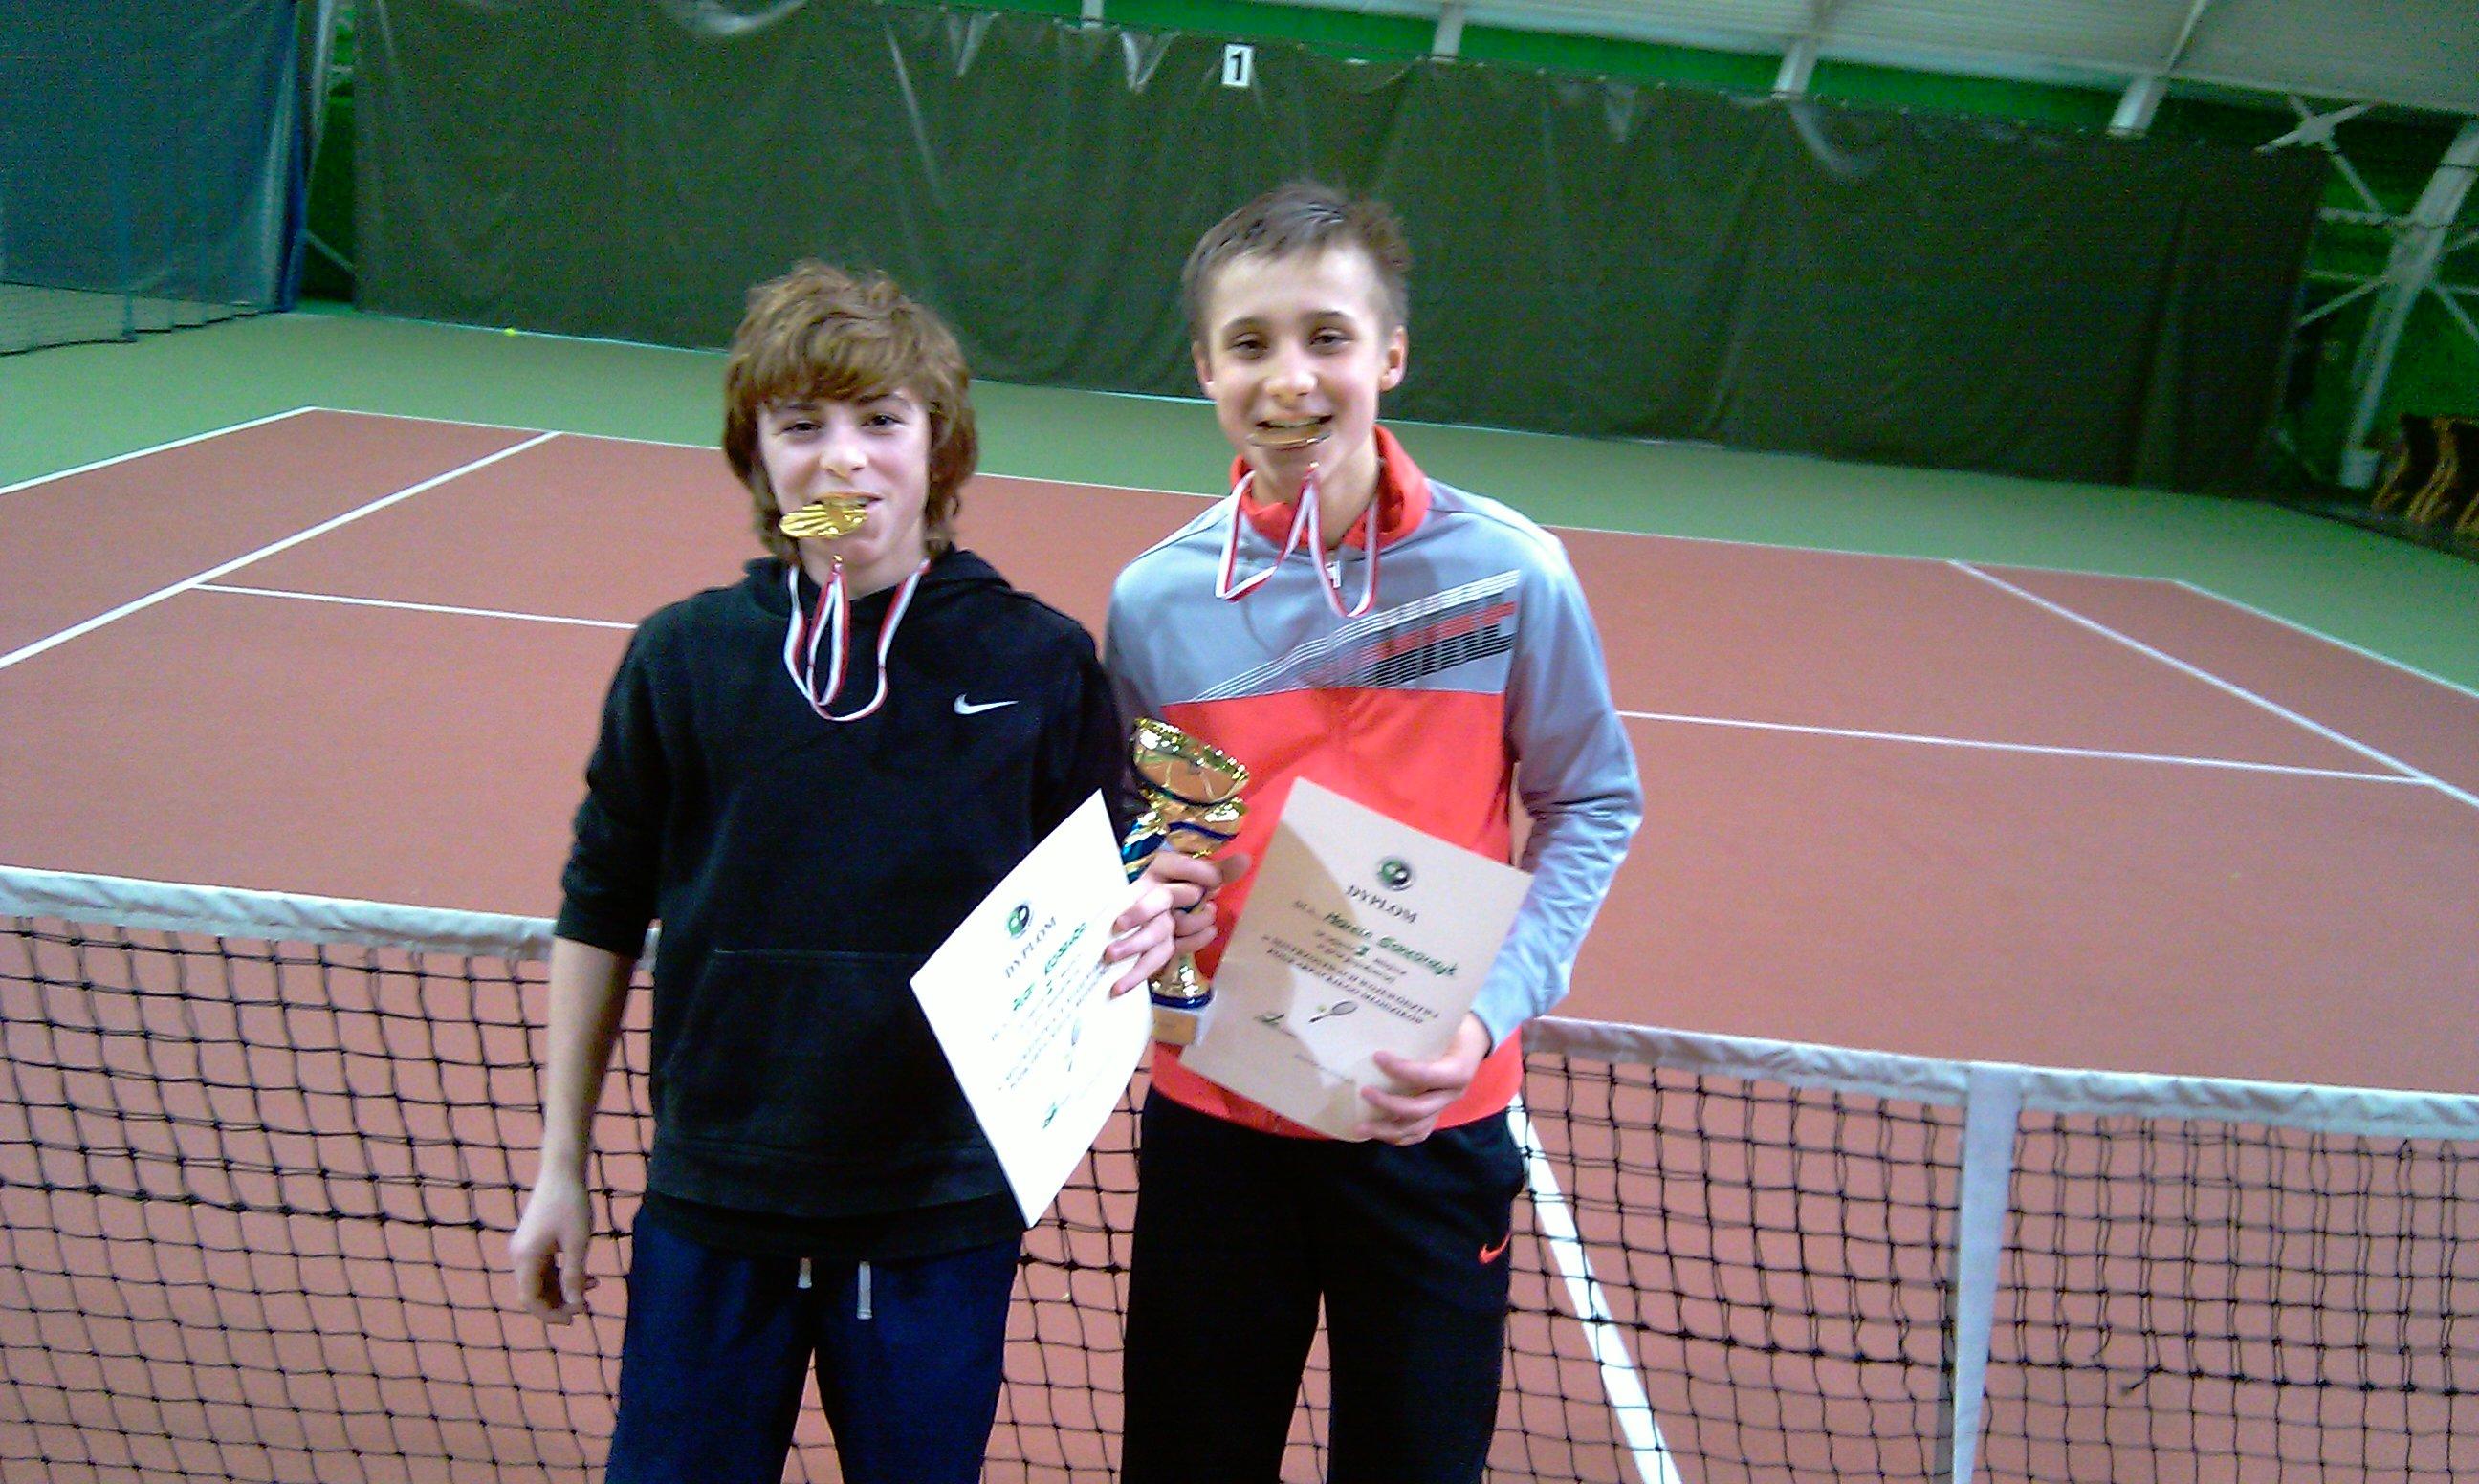 Kaszuba mistrzem Podkarpacia, Bryniak i Gancarczyk wicemistrzami